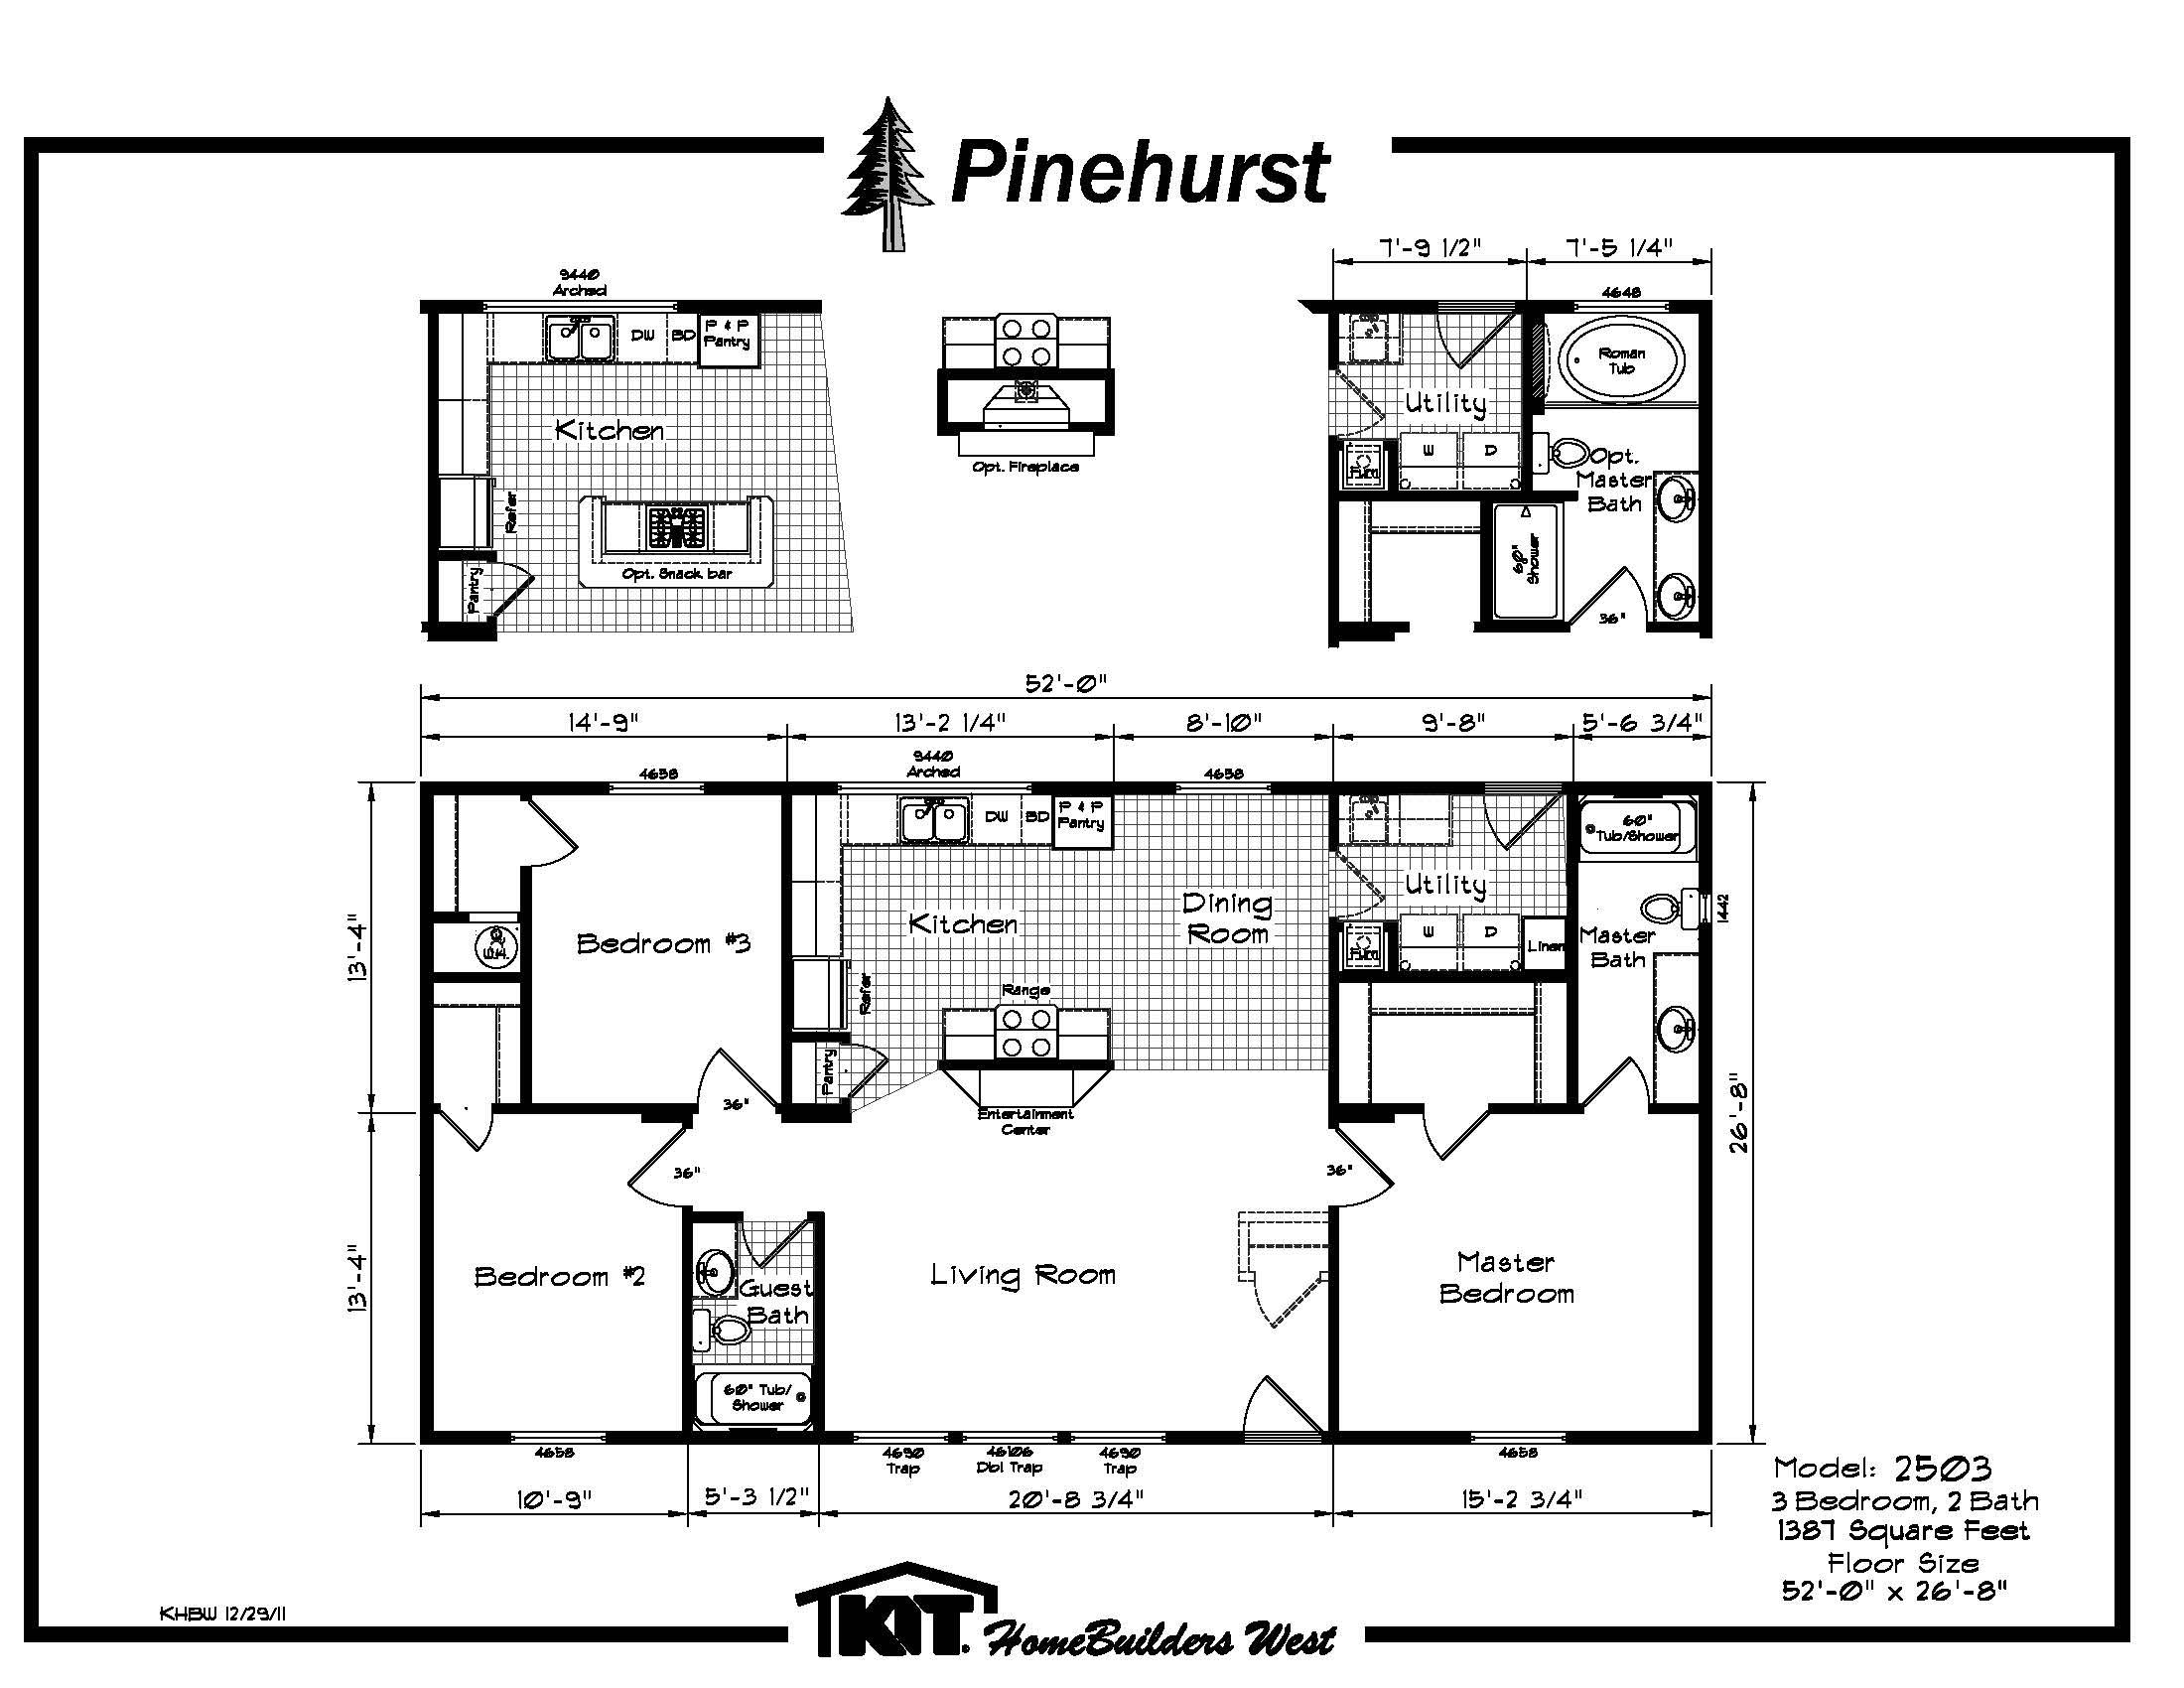 2503 Model Sales Brochure  1  jpg. Pinehurst Model Floor Plans   Century Homes Idaho